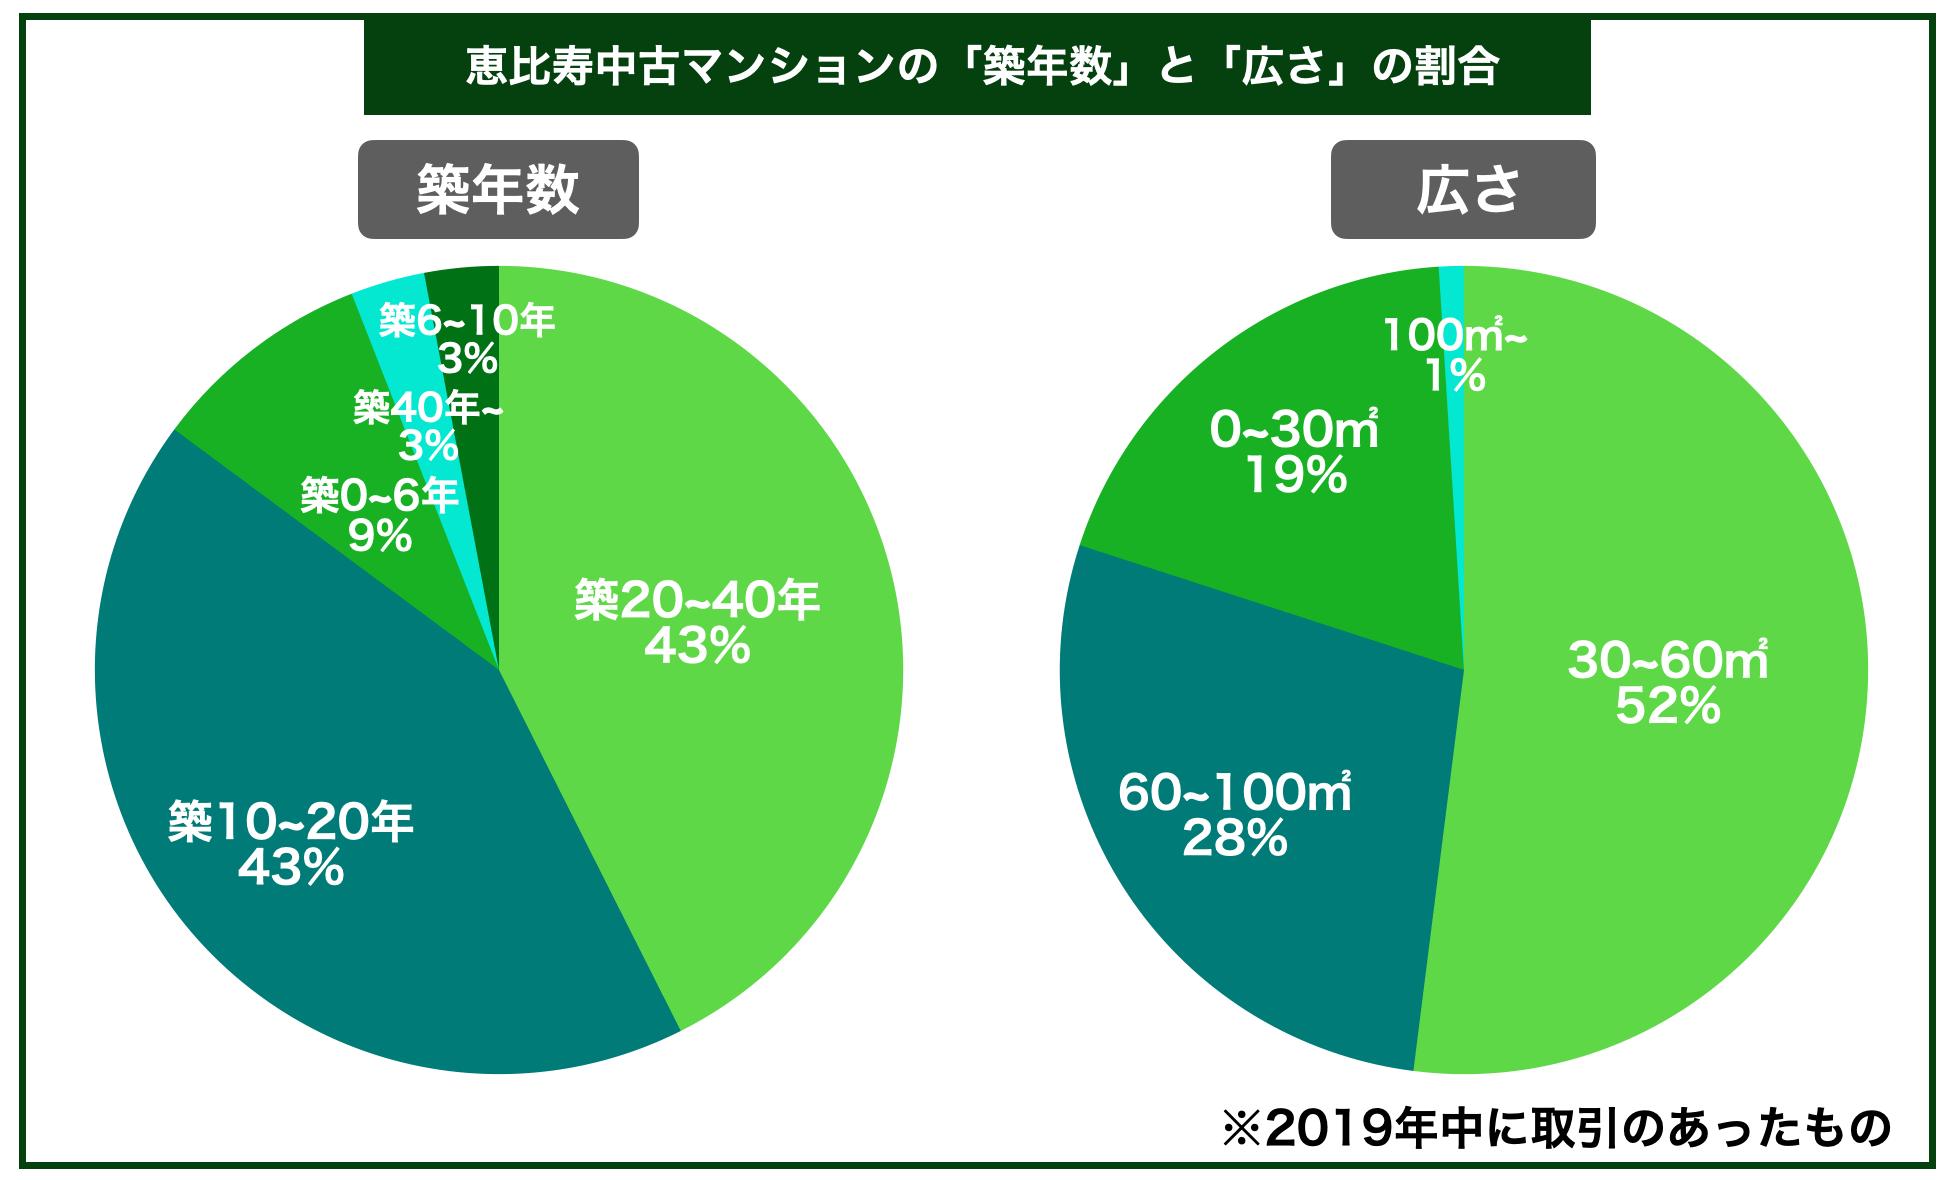 恵比寿中古マンション築年数広さ割合